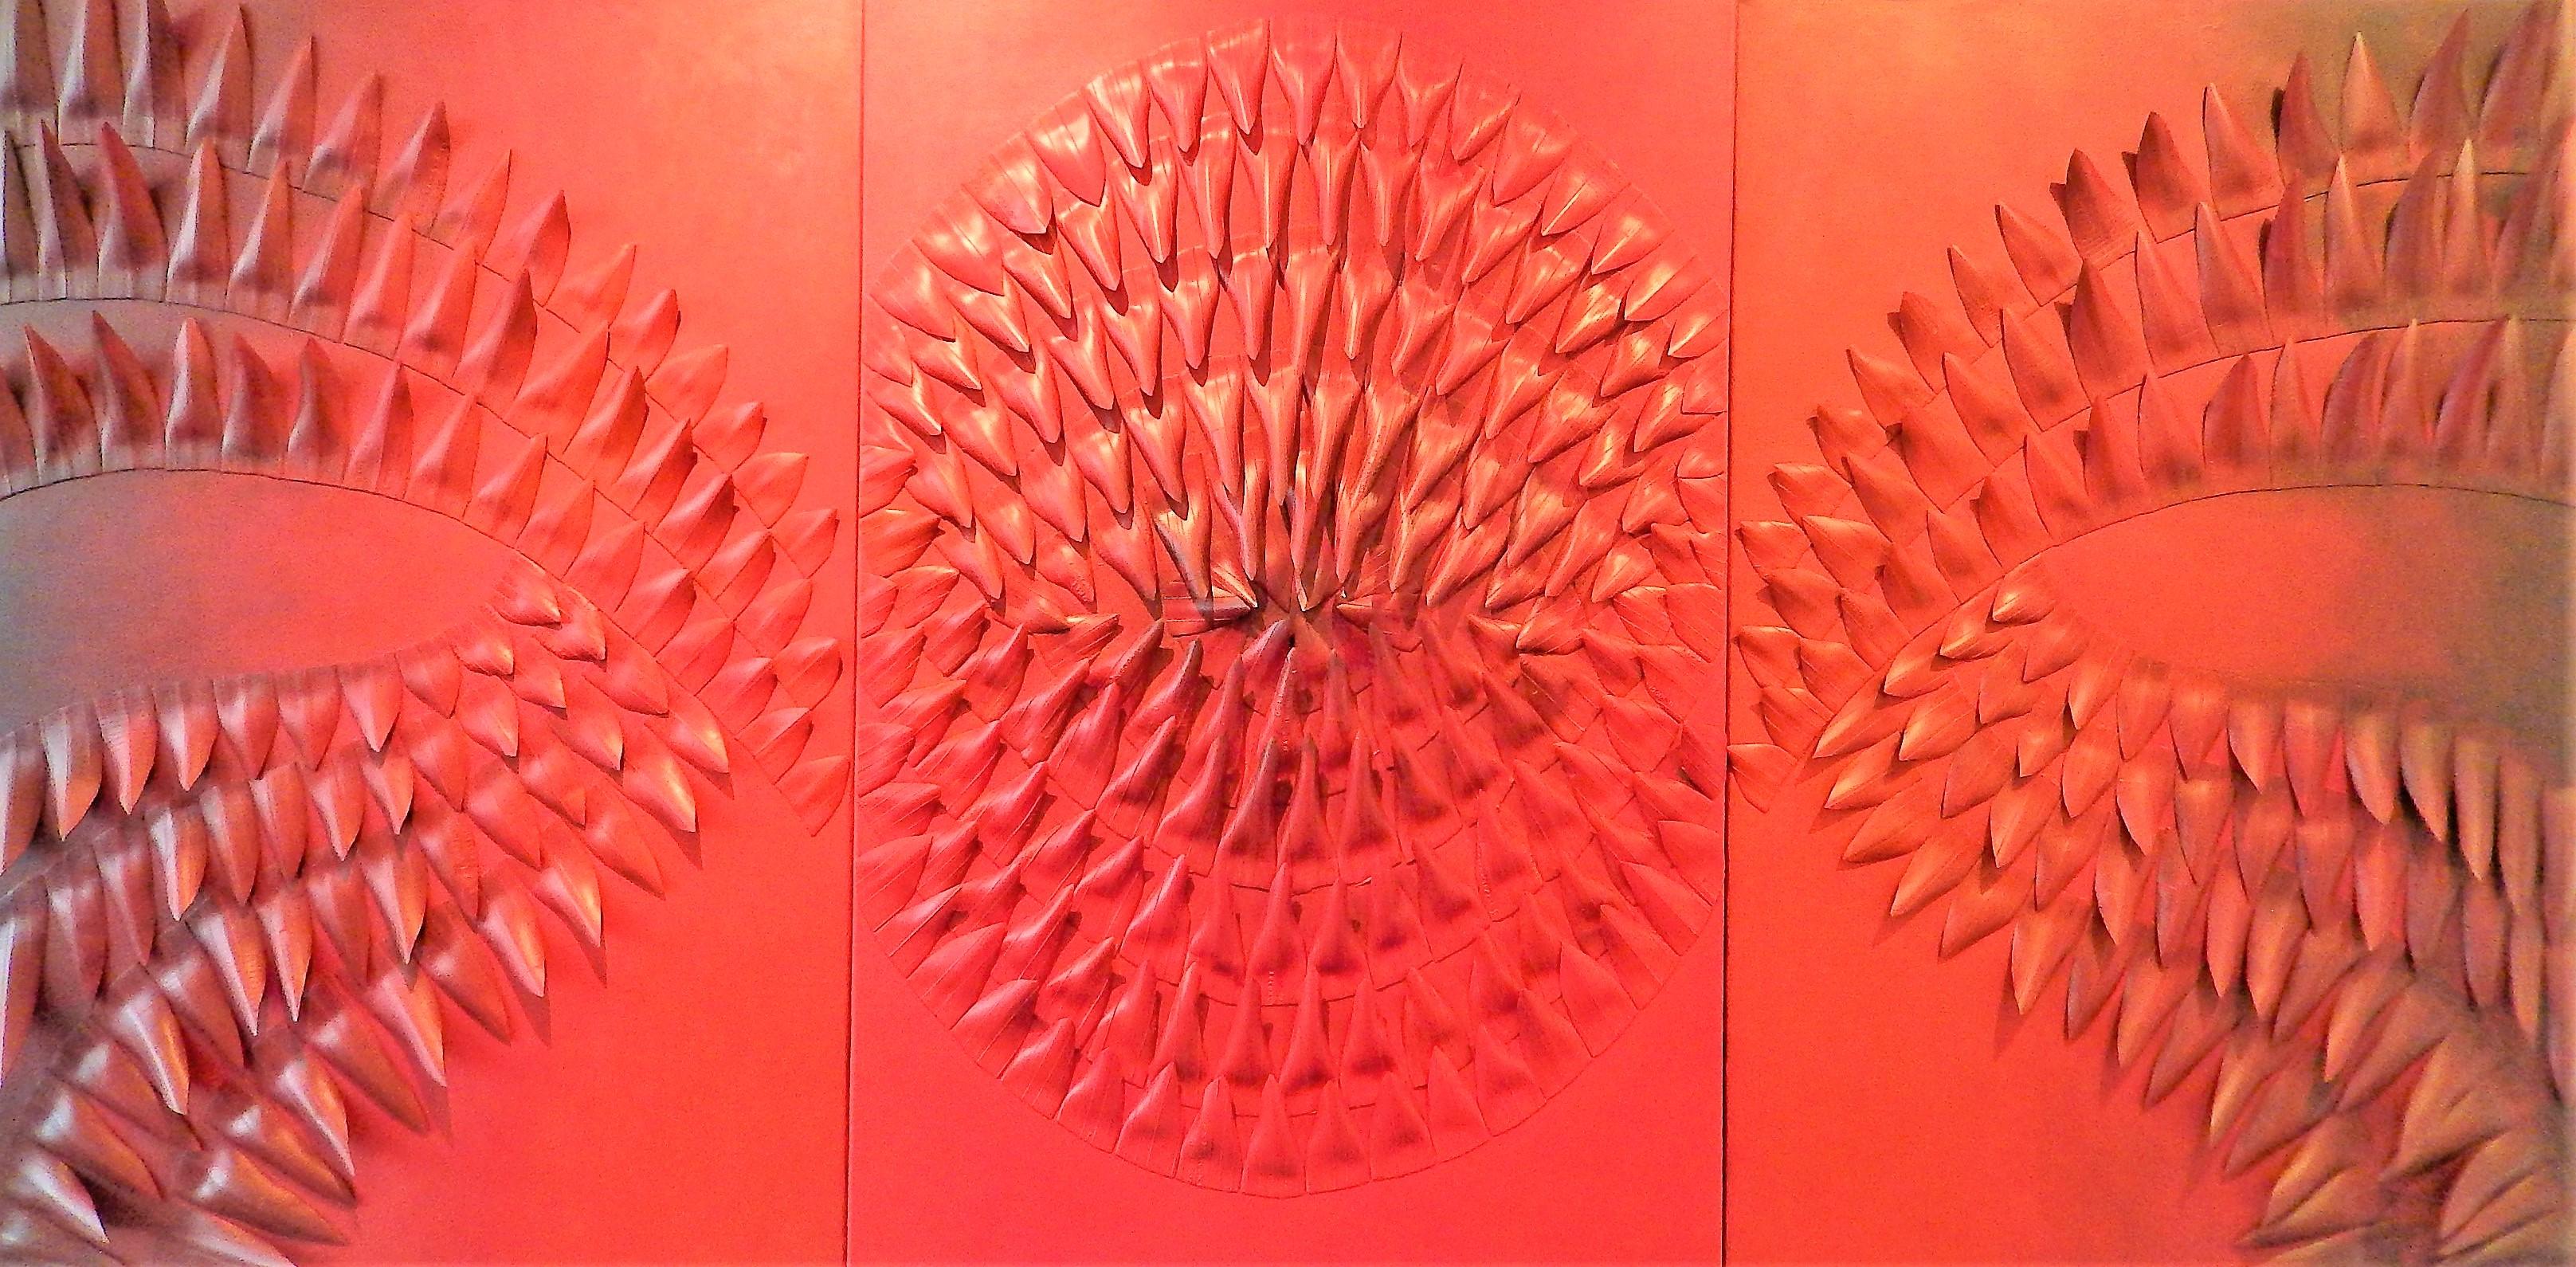 Partir,_195_X_100_cm,_chambres_à_air_sur_toile,_peinture_acrylique